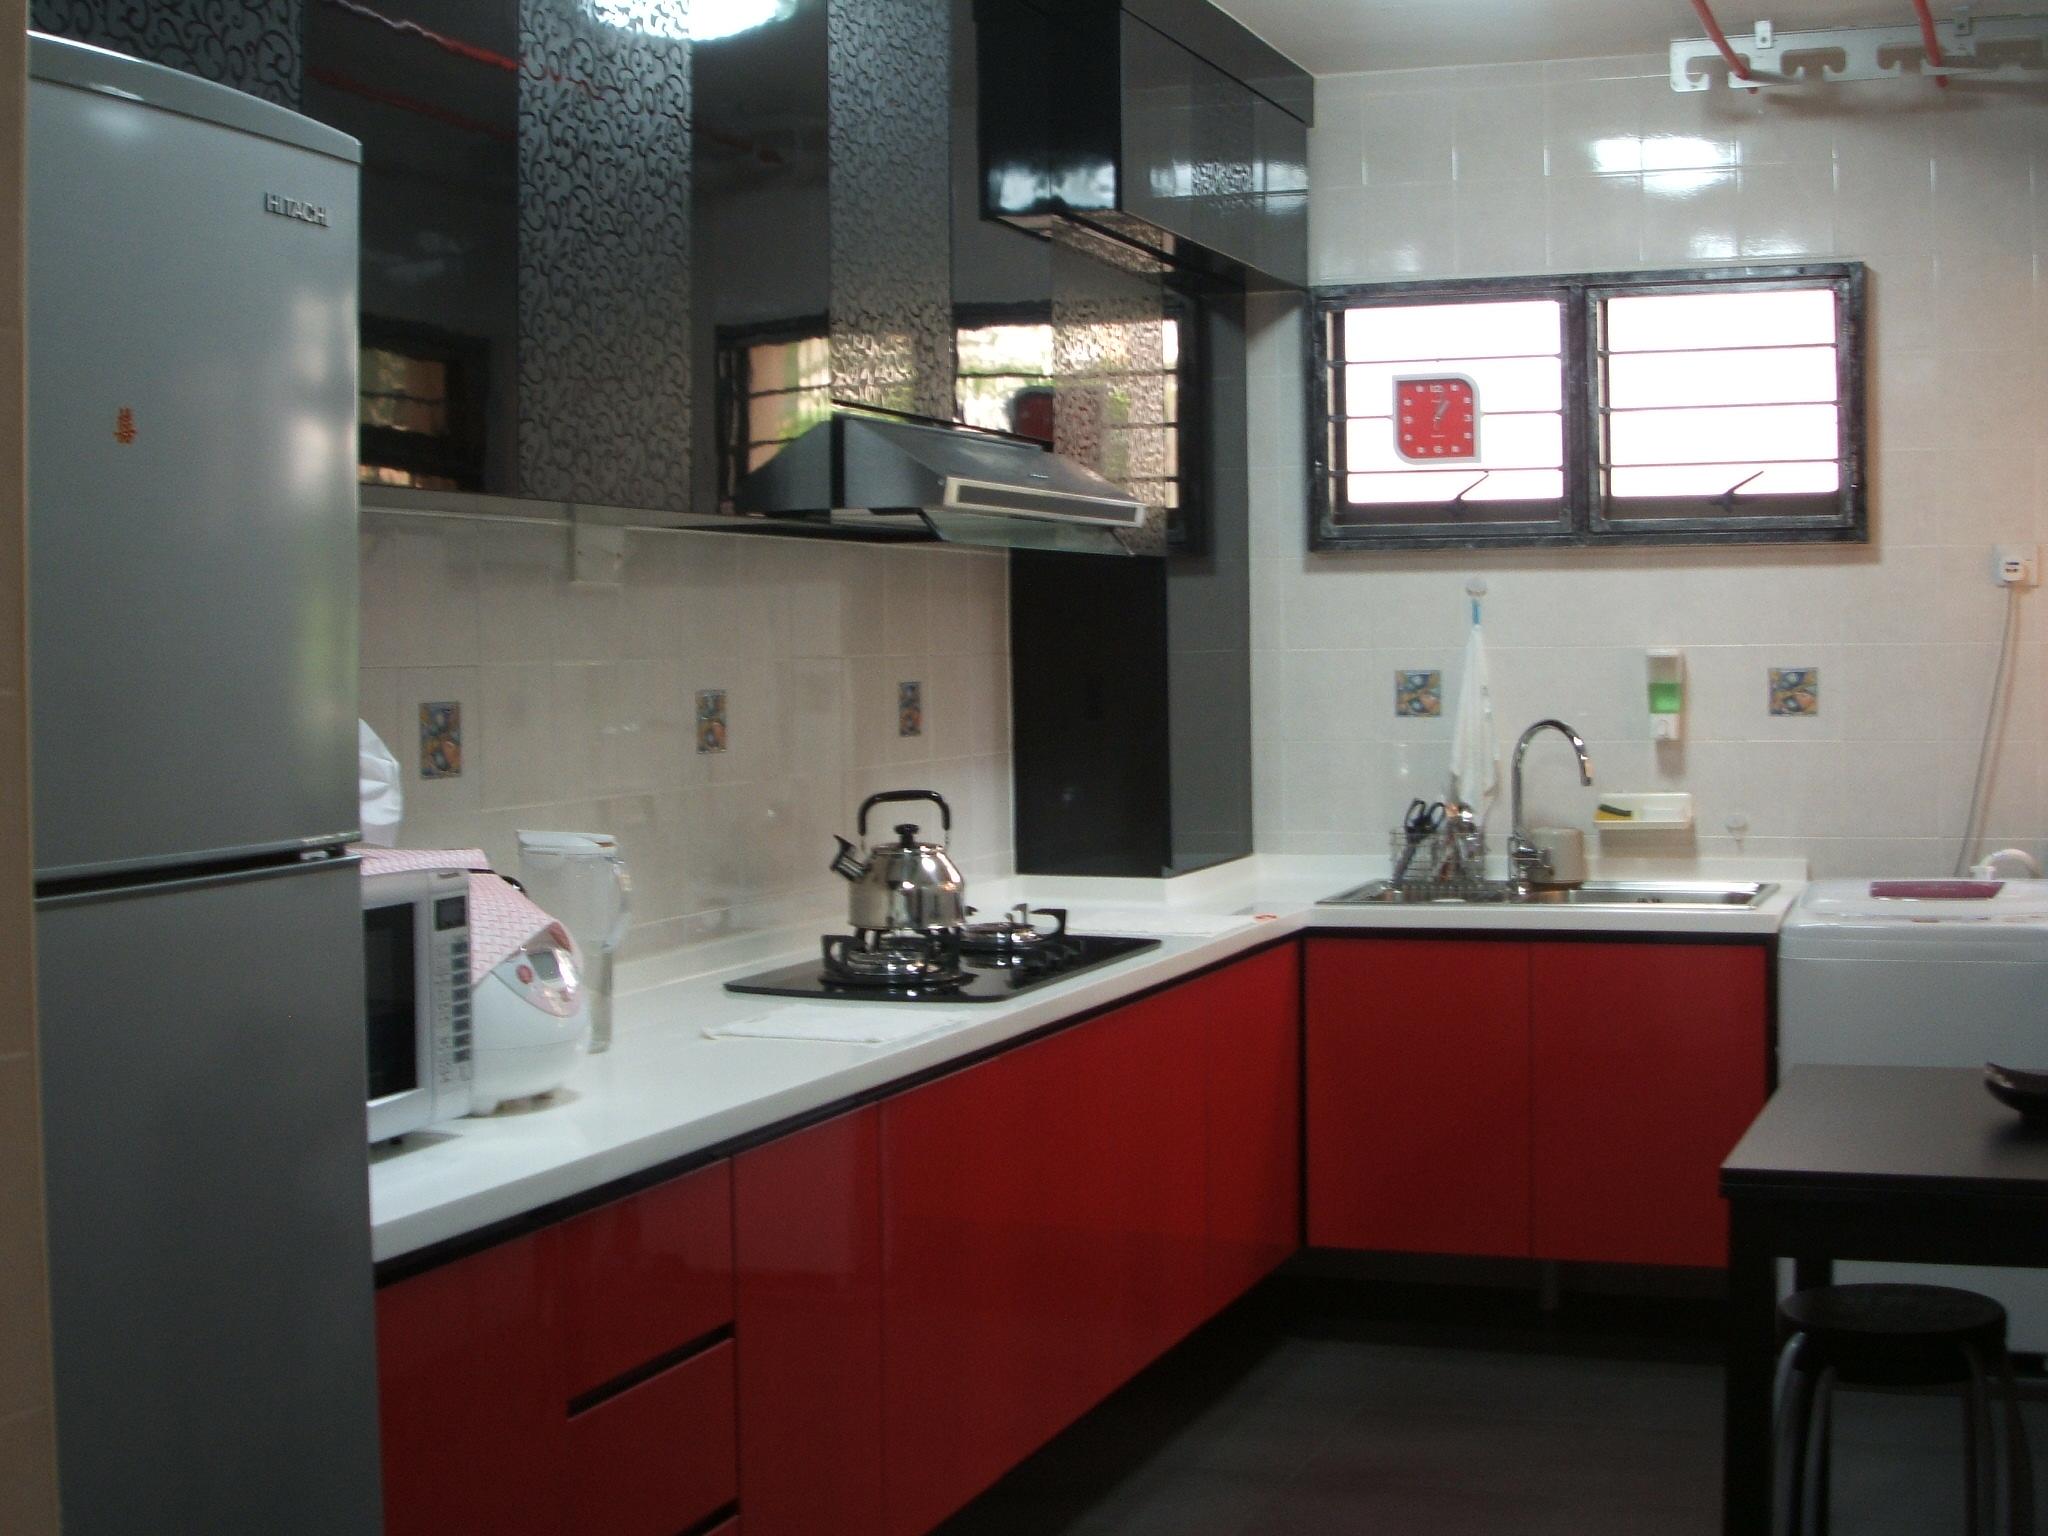 idées-nouveaux-meubles-de-cuisine-rouges-pour-la-décoration-de-la-maison